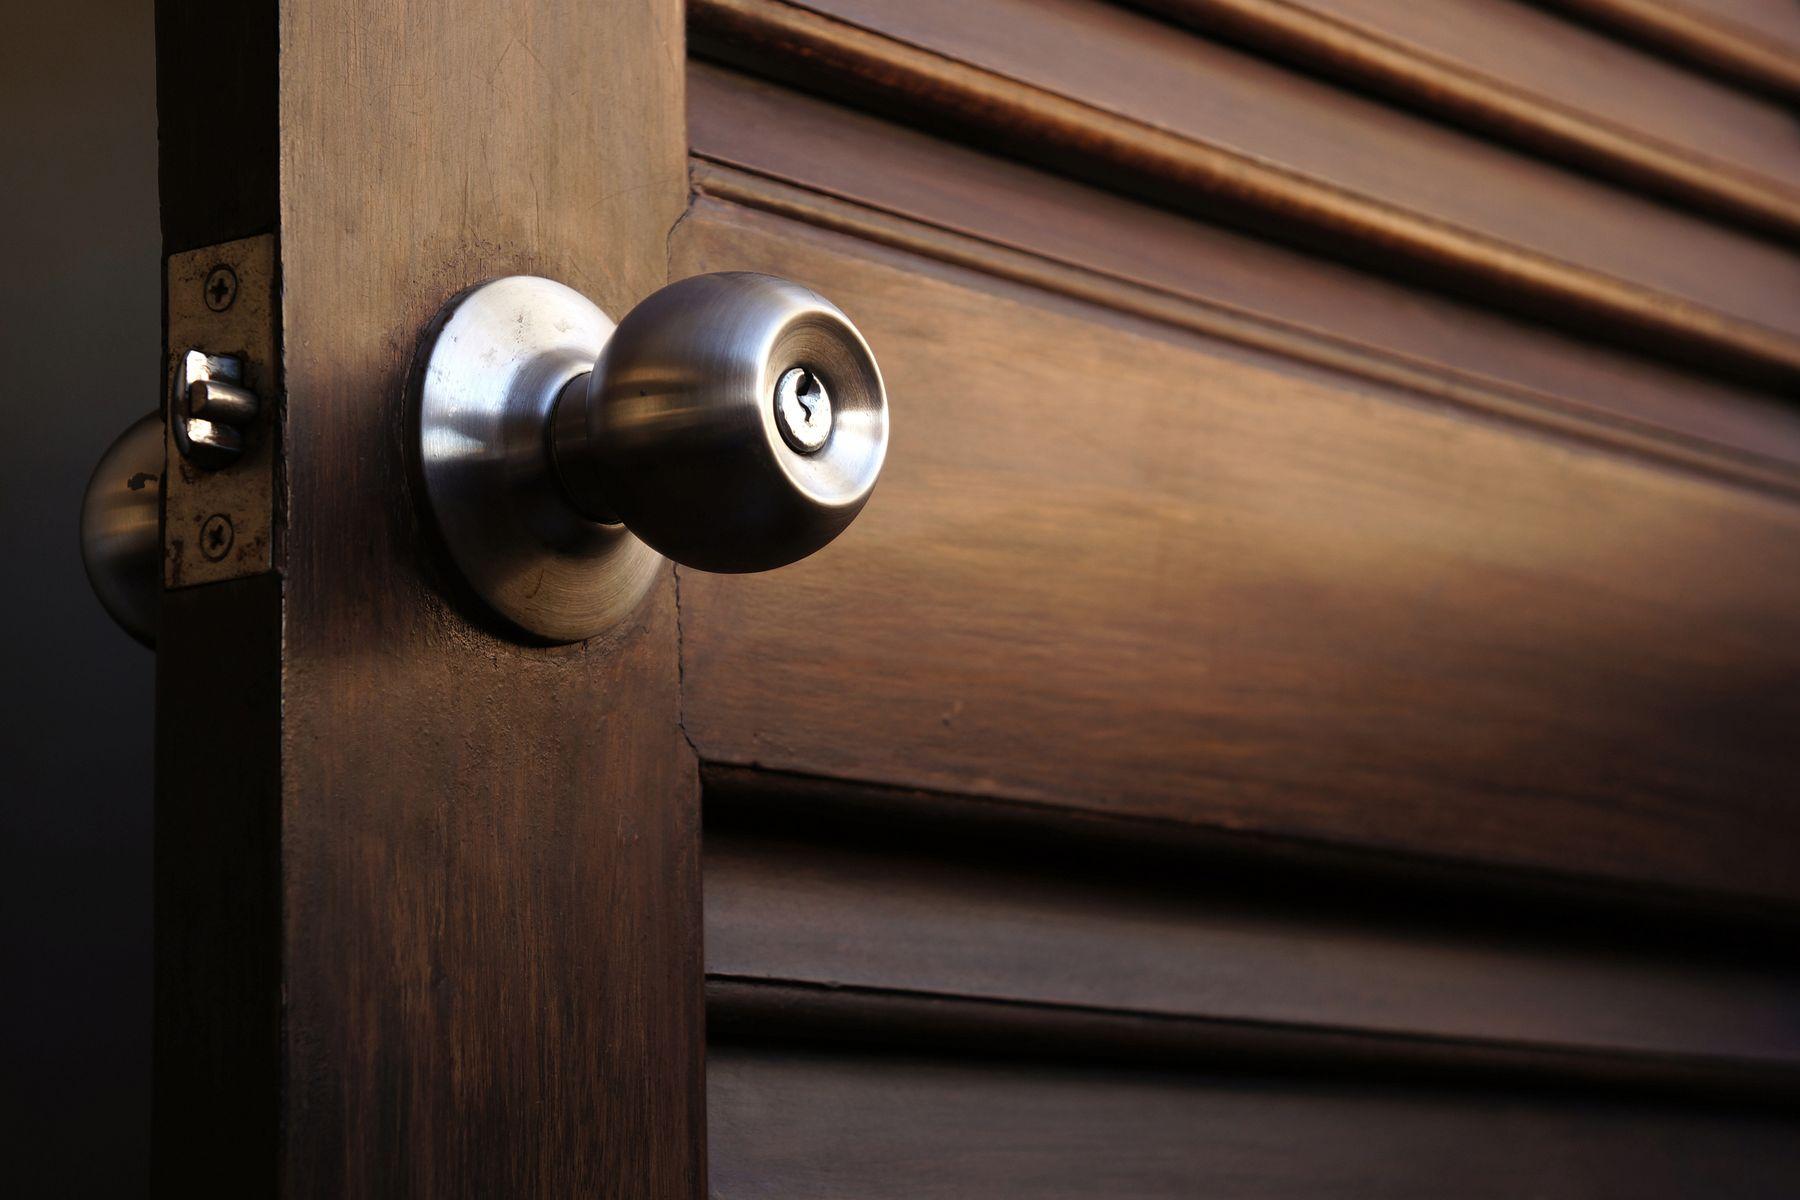 अपने घर पर दरवाज़े के हैंडल को कैसे चमकाएं | क्लीएनीपीडिया